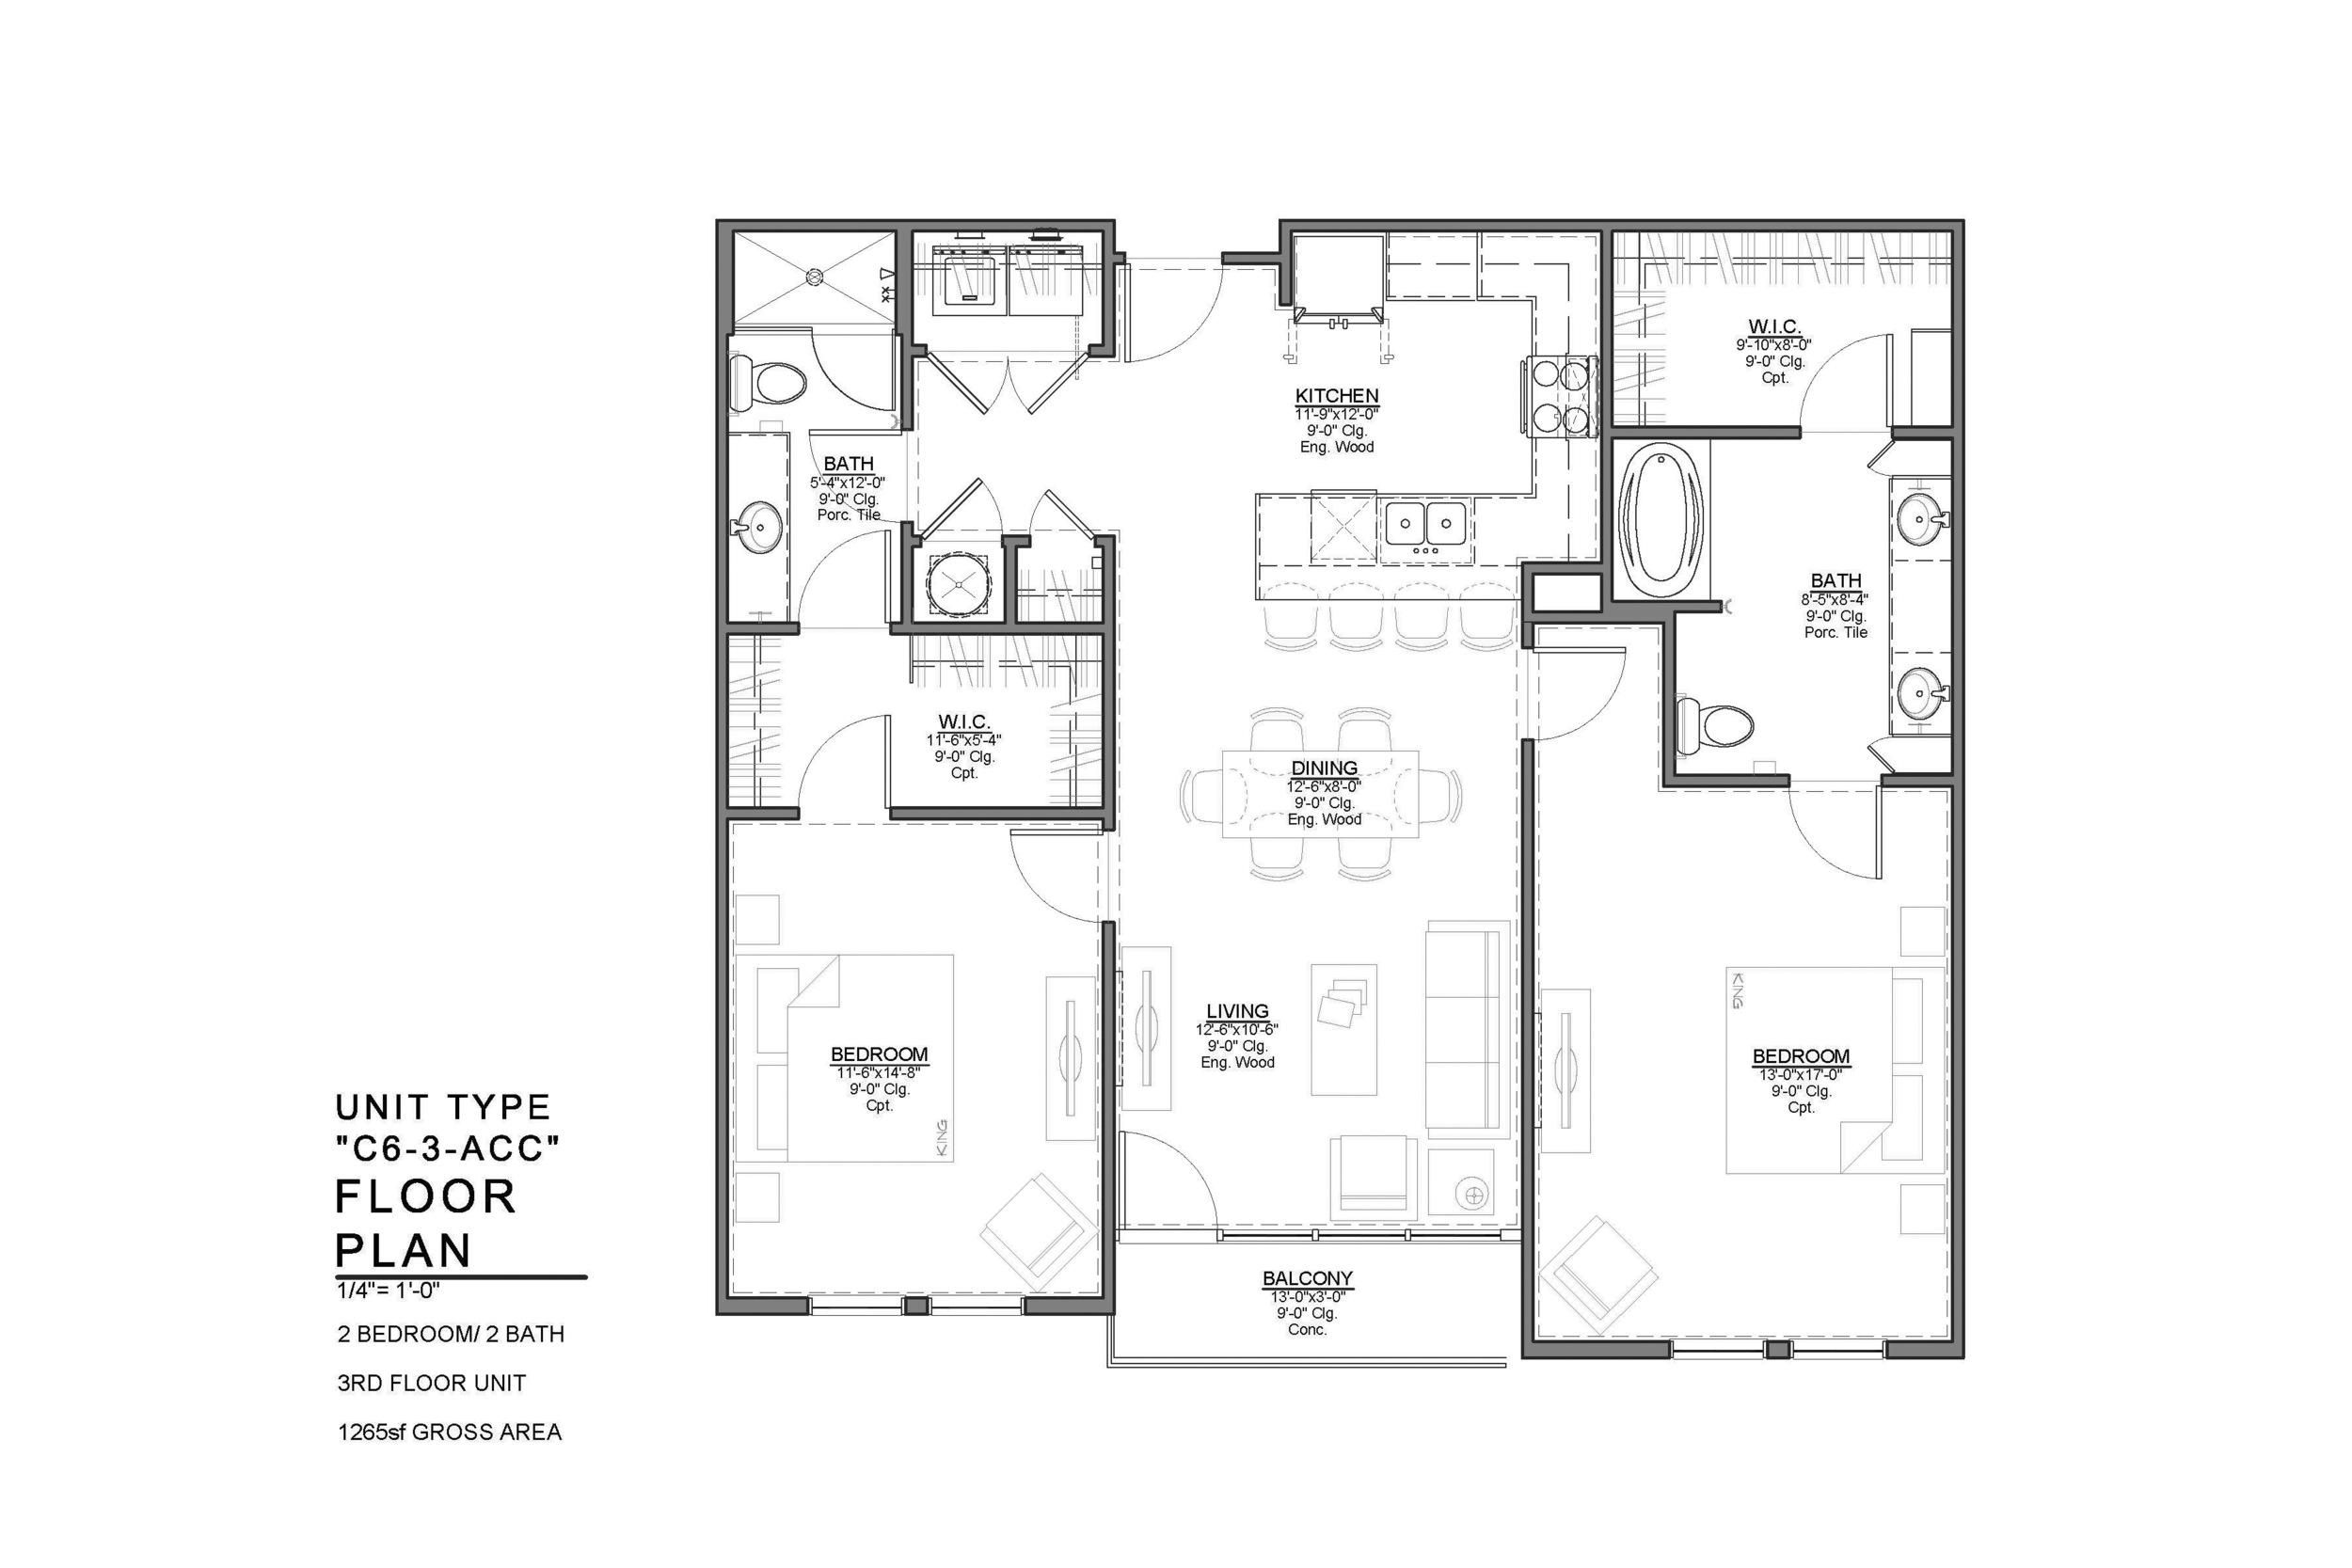 C6-3-ACC FLOOR PLAN: 2 BEDROOM / 2 BATH